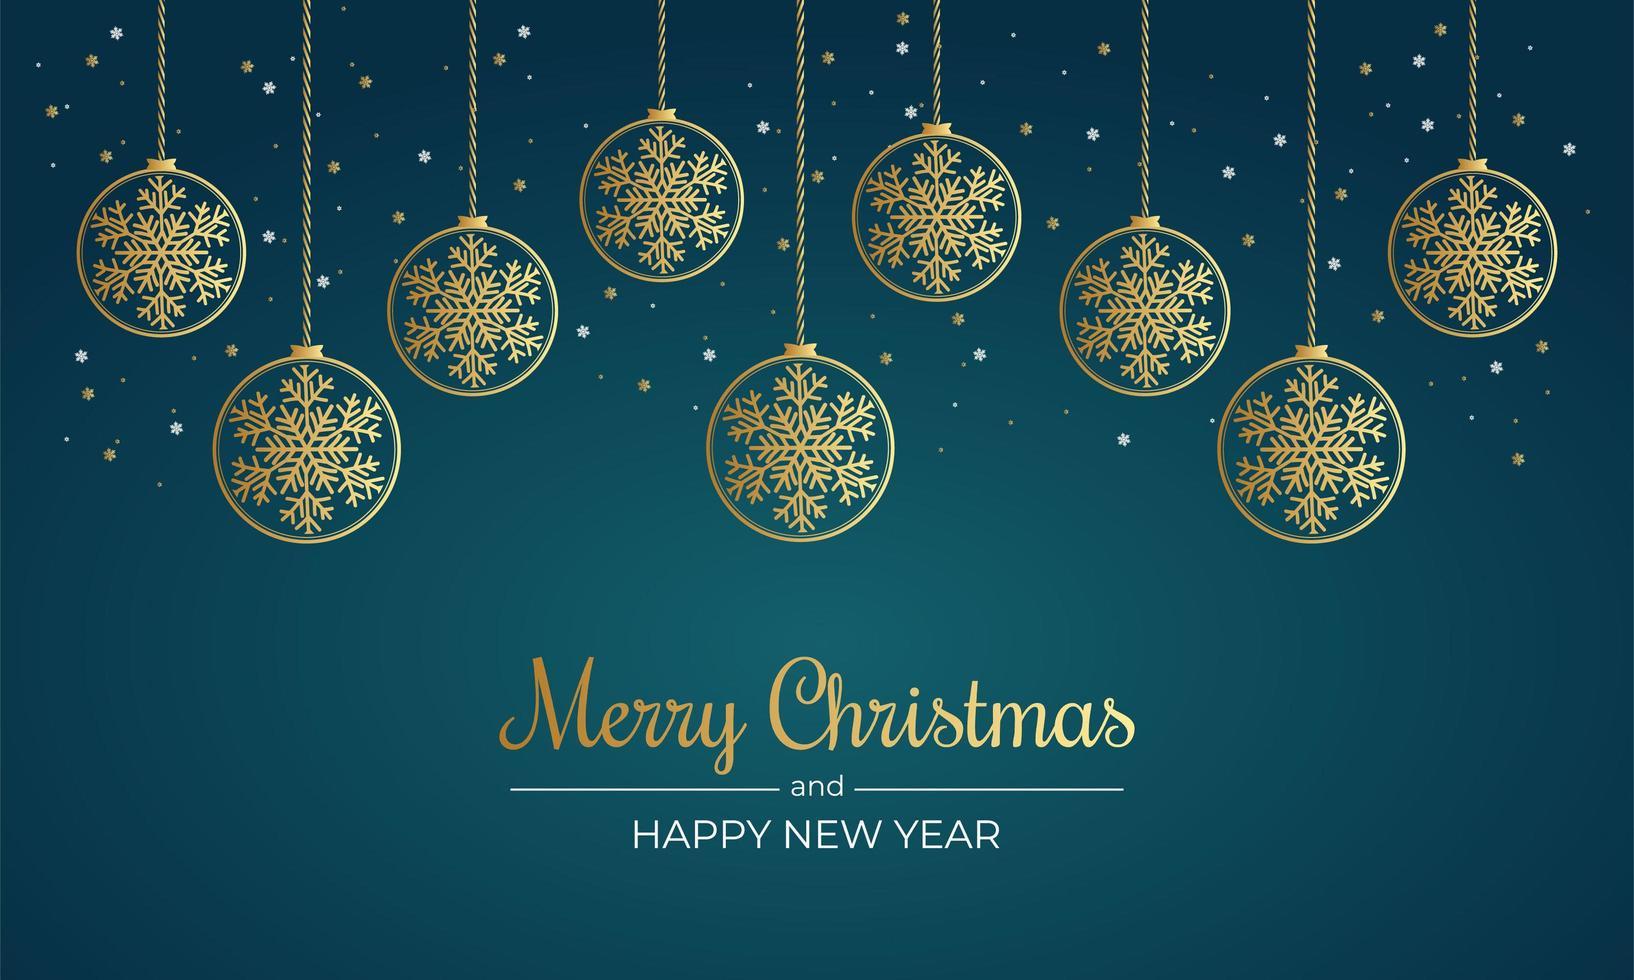 jul affisch med gyllene snöflingor och ornament vektor